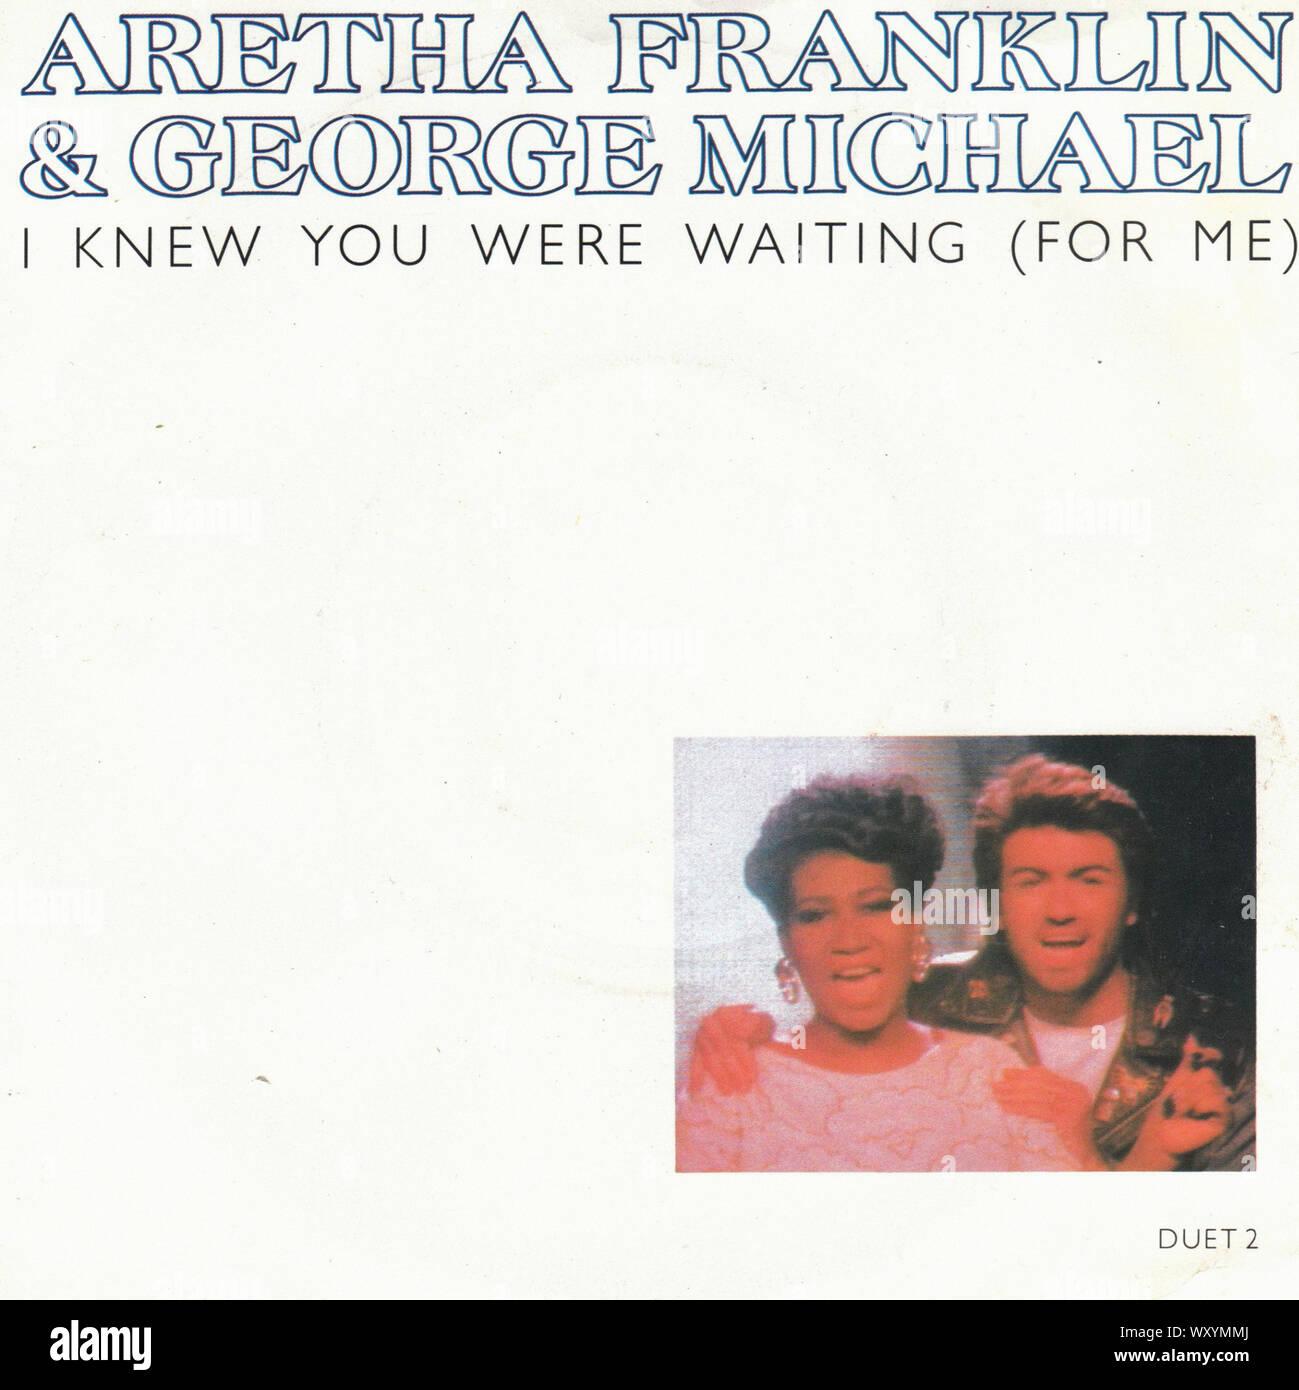 """Aretha Franklin & George Michael - sapevo che eravamo in attesa - Vintage 7"""" pollici coperchio record Foto Stock"""